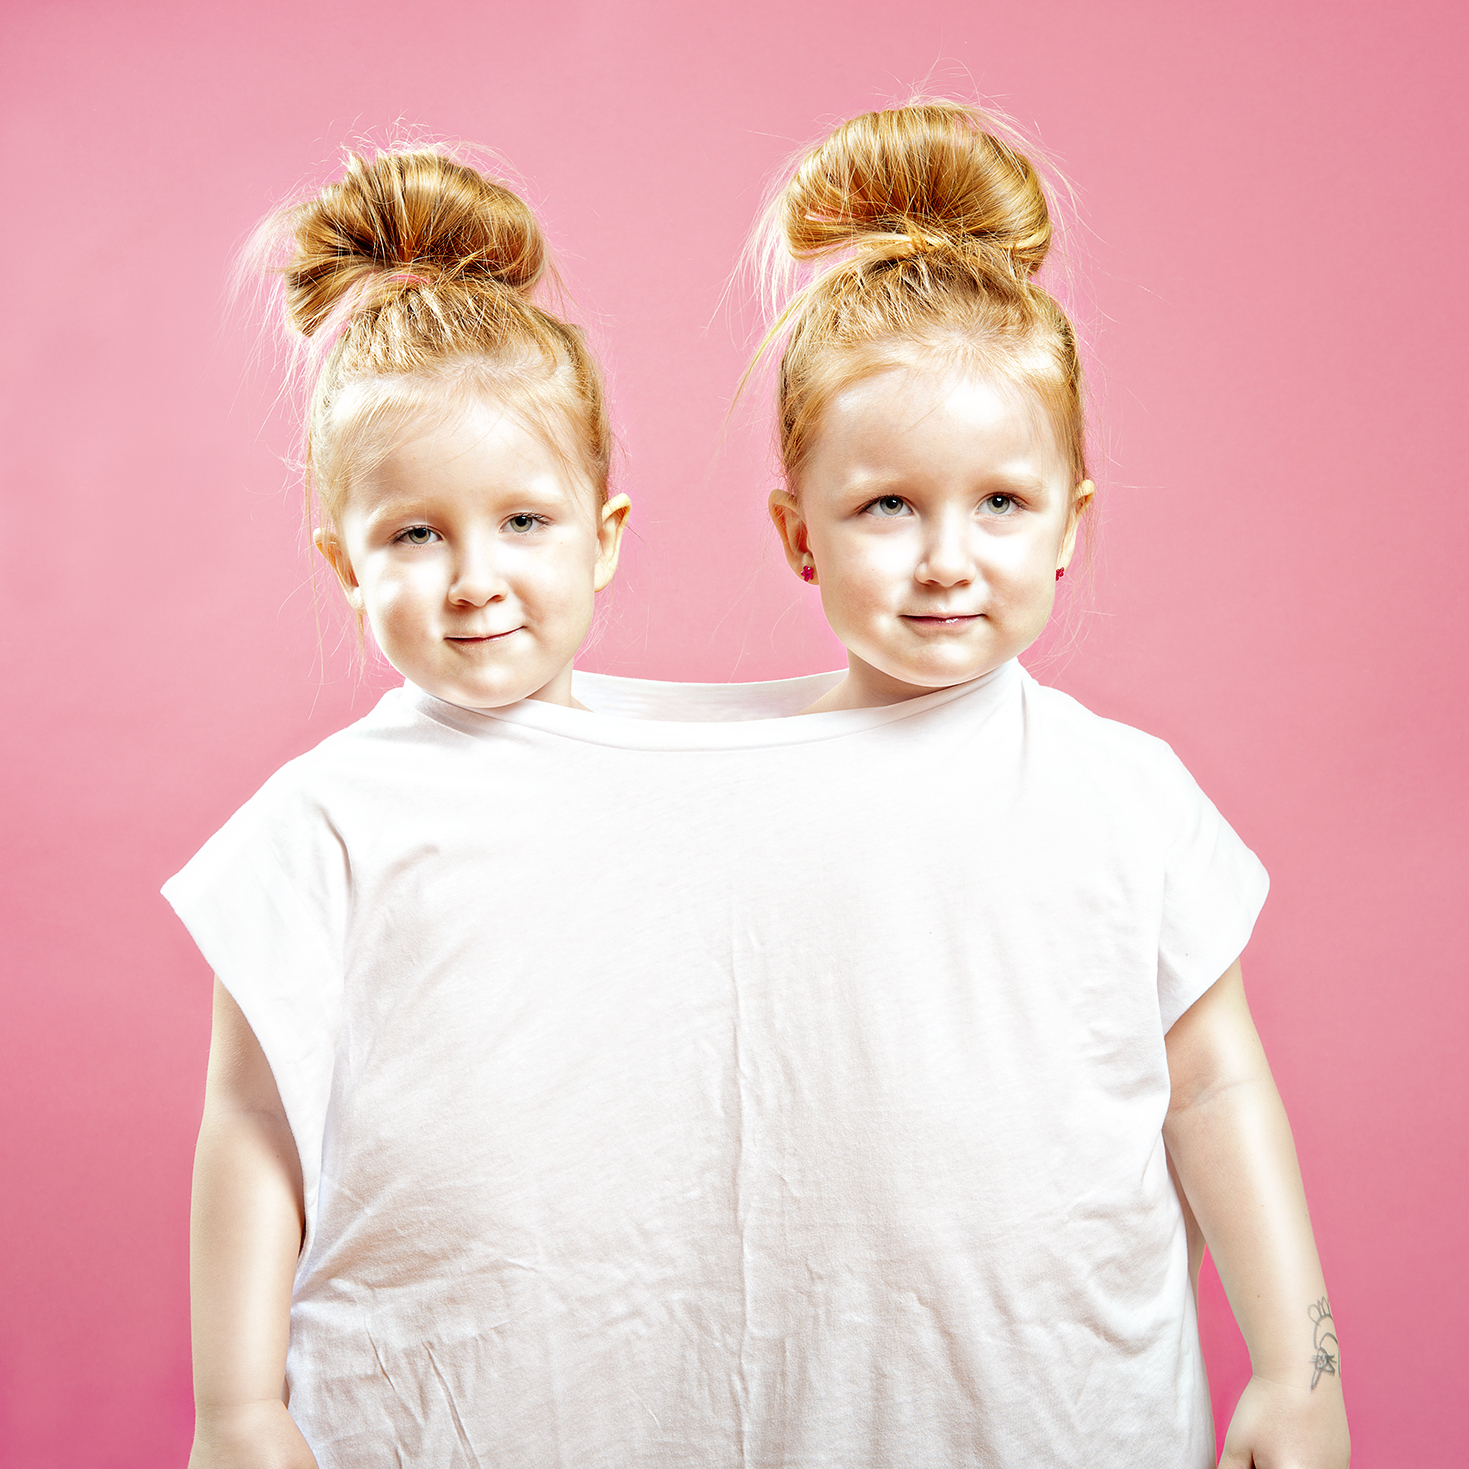 Siblings_3 internet